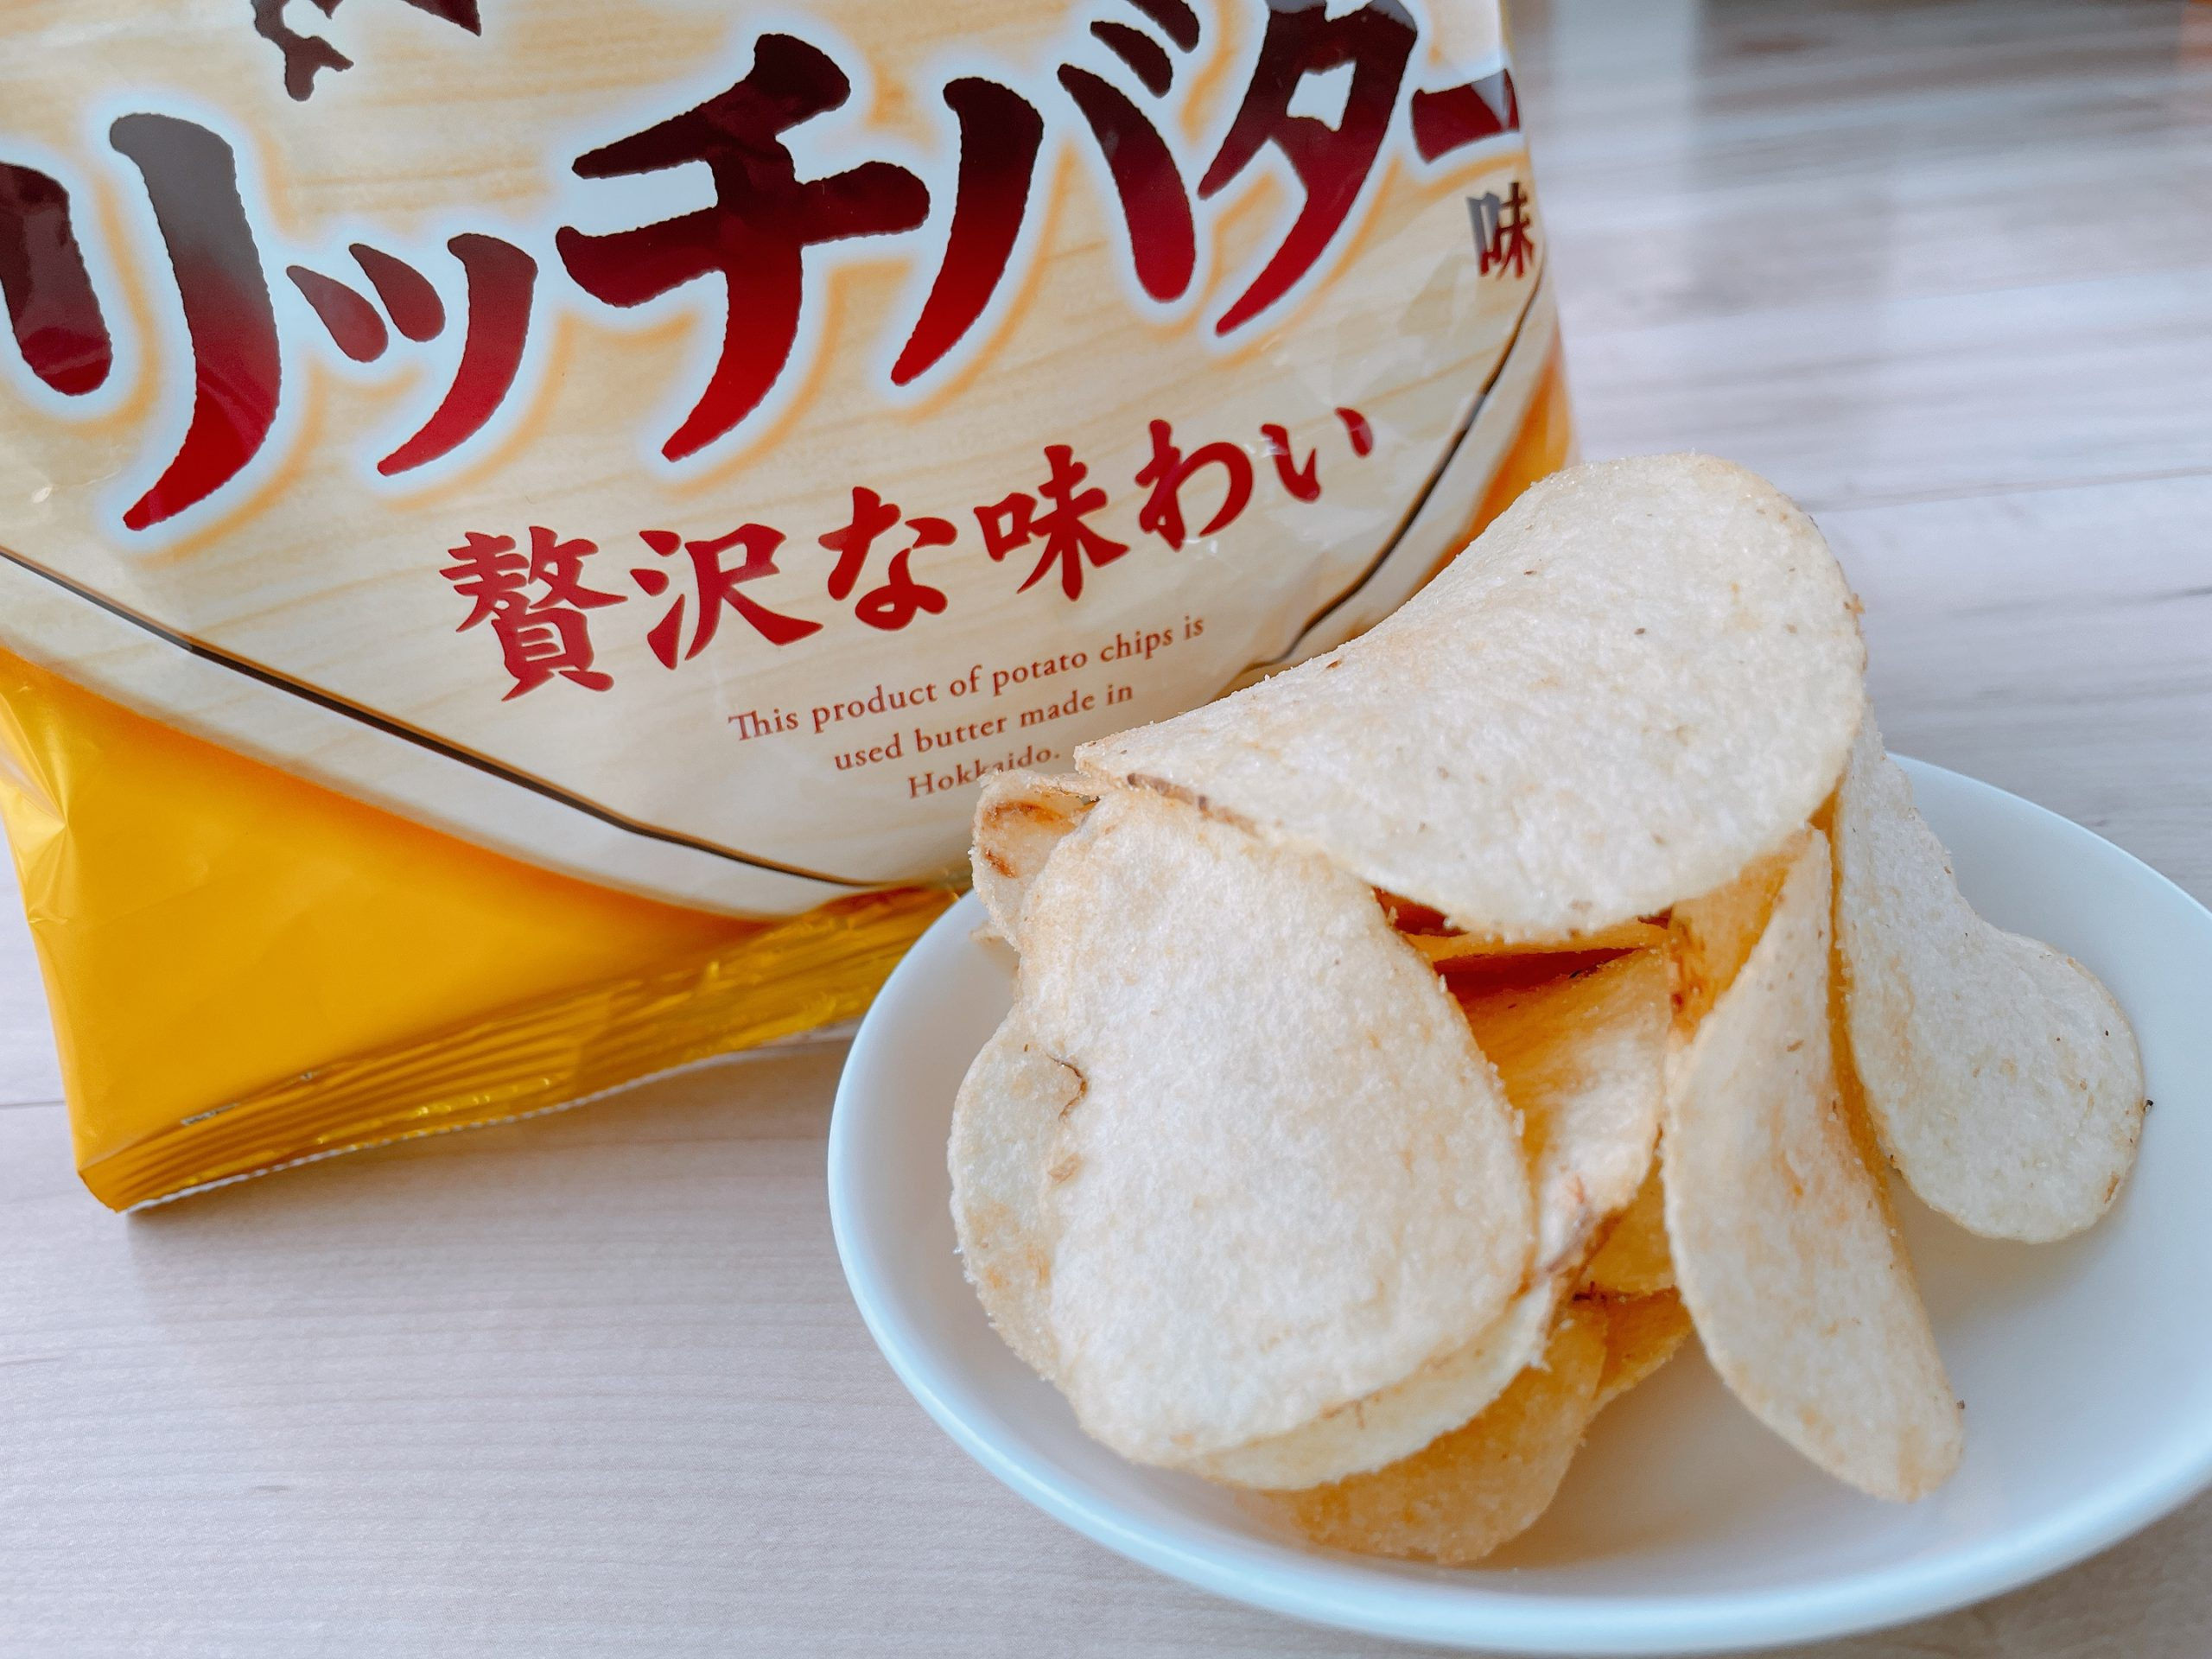 ポテトチップス<北海道リッチバター味>